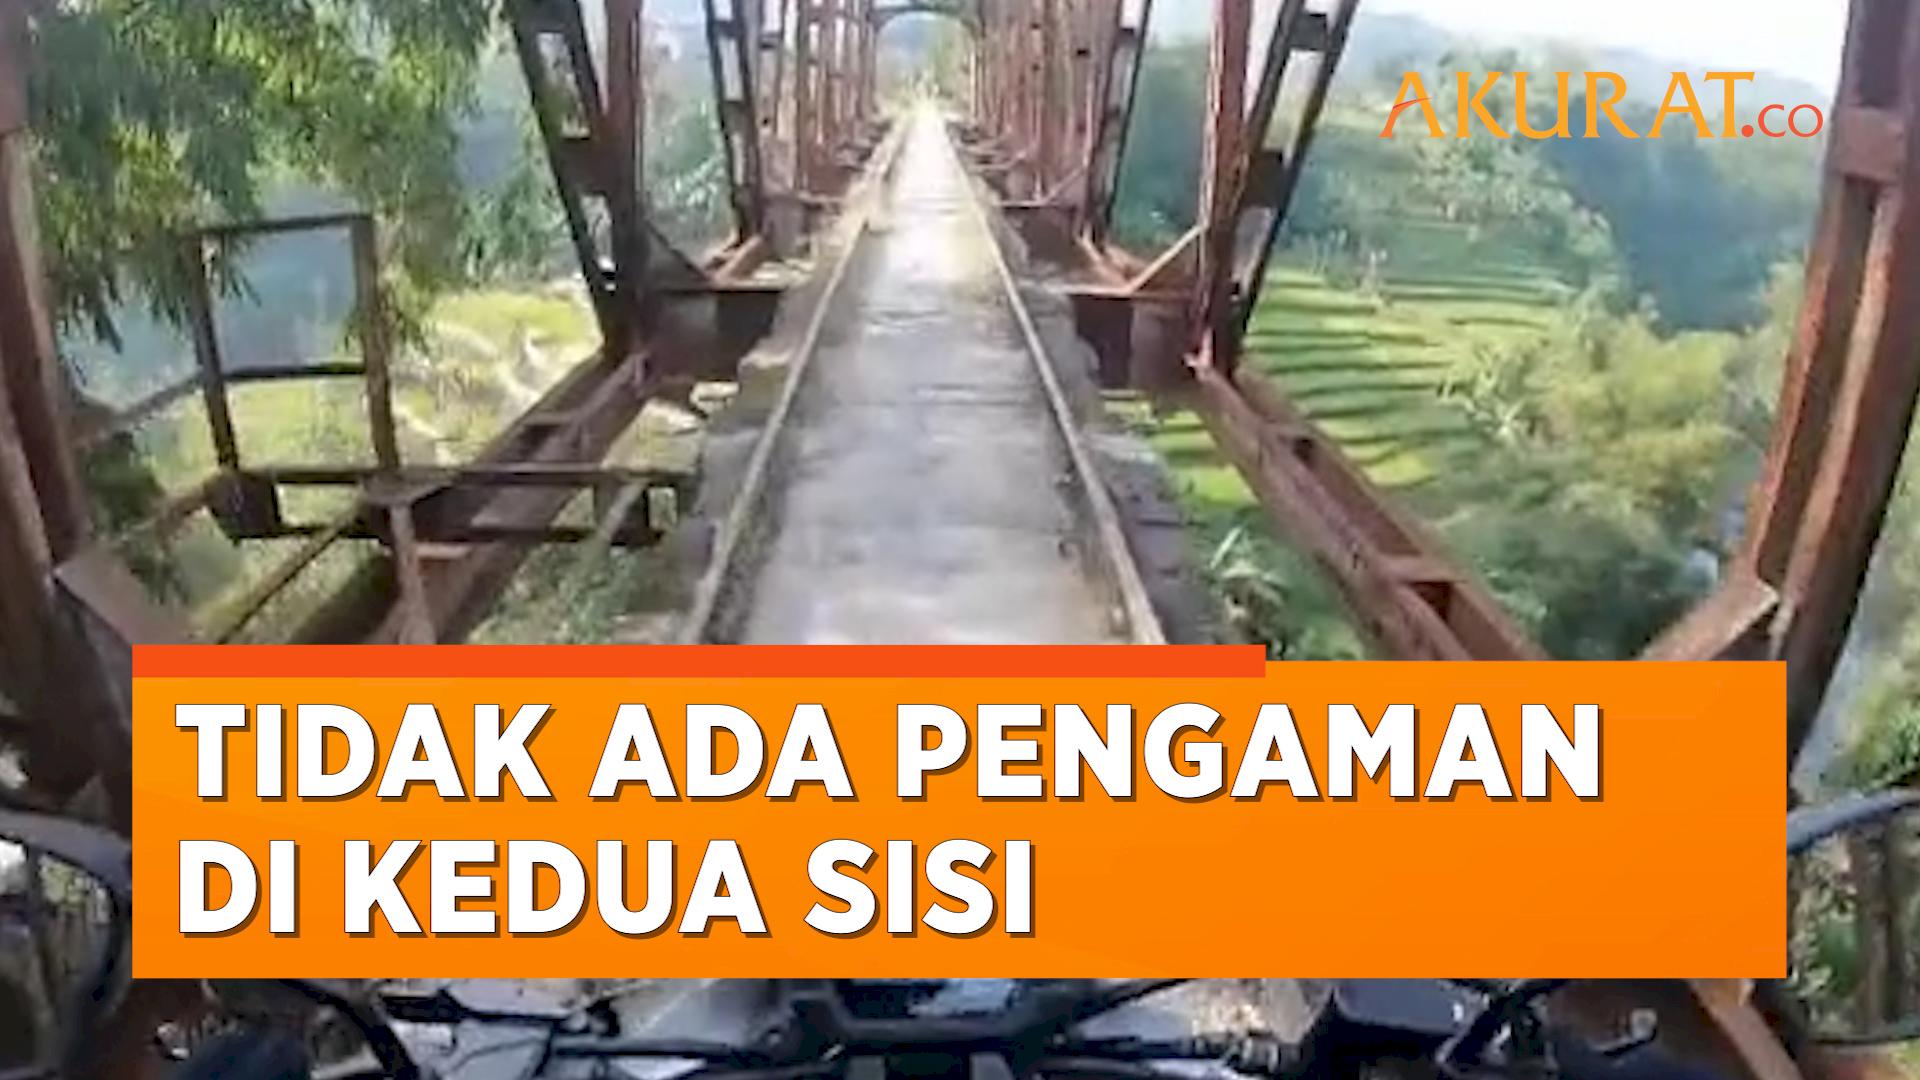 """Momen Pemotor Lewati Jembatan """"Shiratal Mustaqim"""", Goyang Dikit Langsung Beda Alam"""